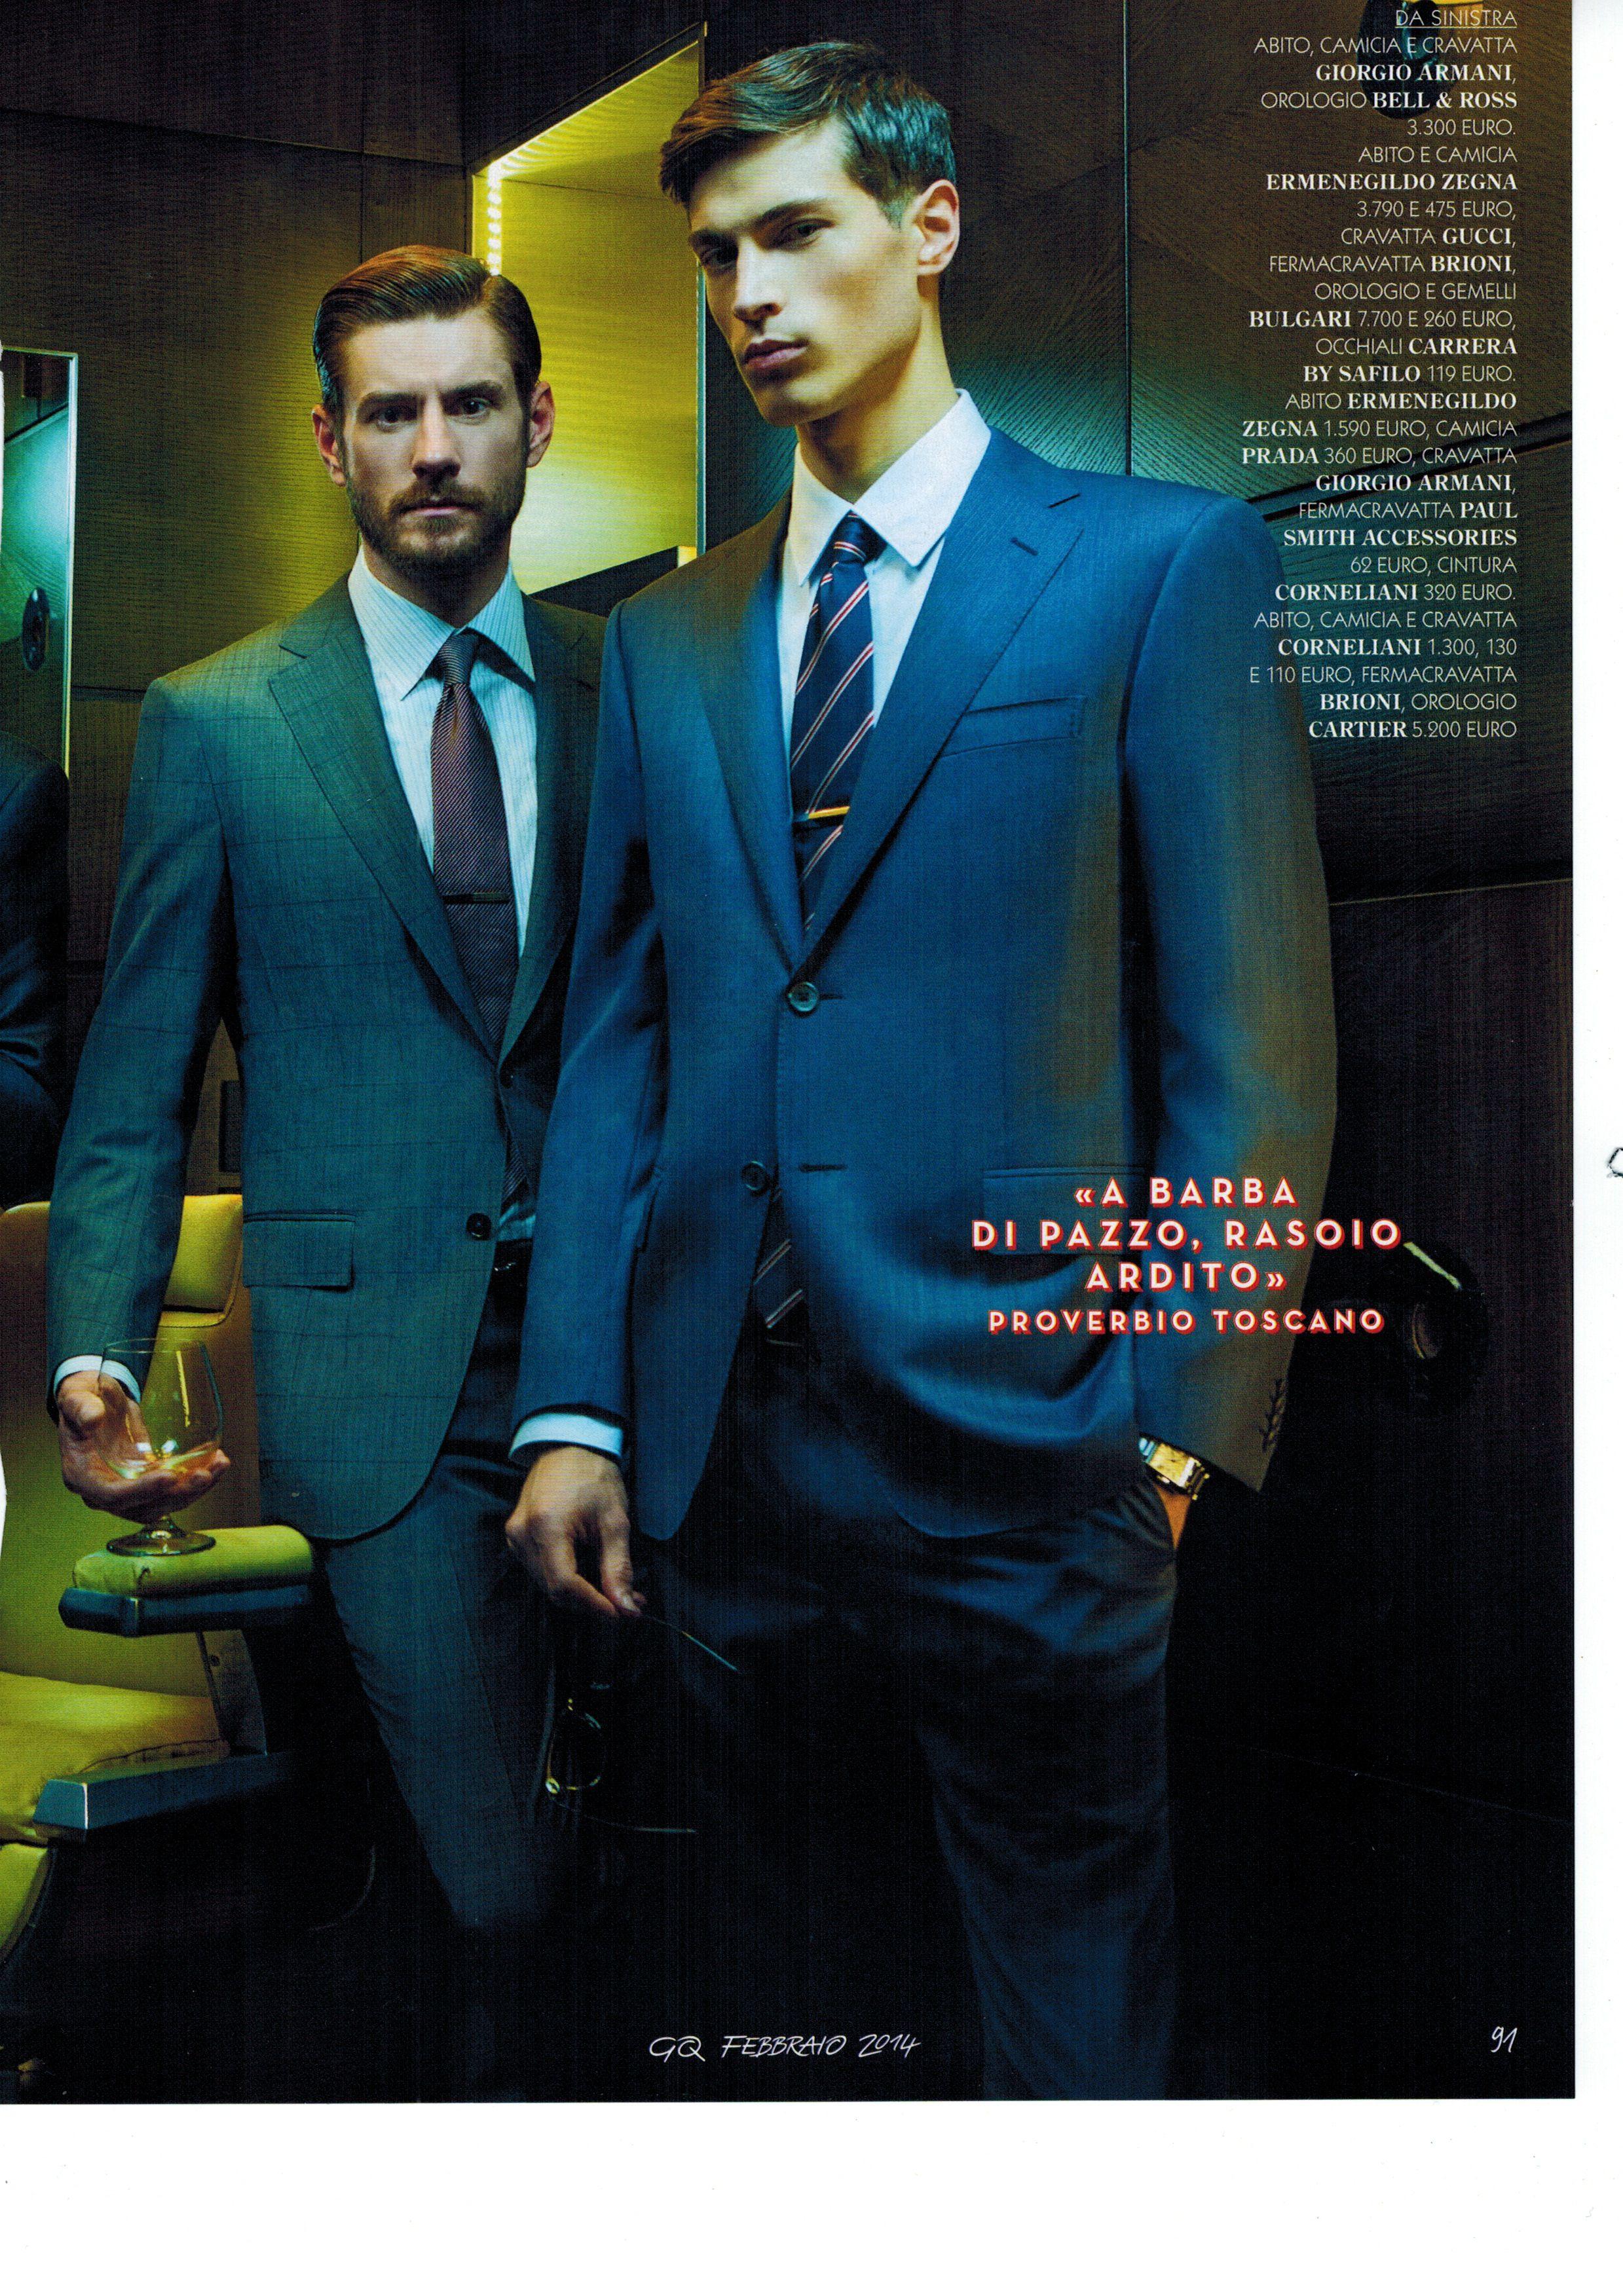 Leonardo DiCaprio Covers GQ Italias April 2013 Issue in